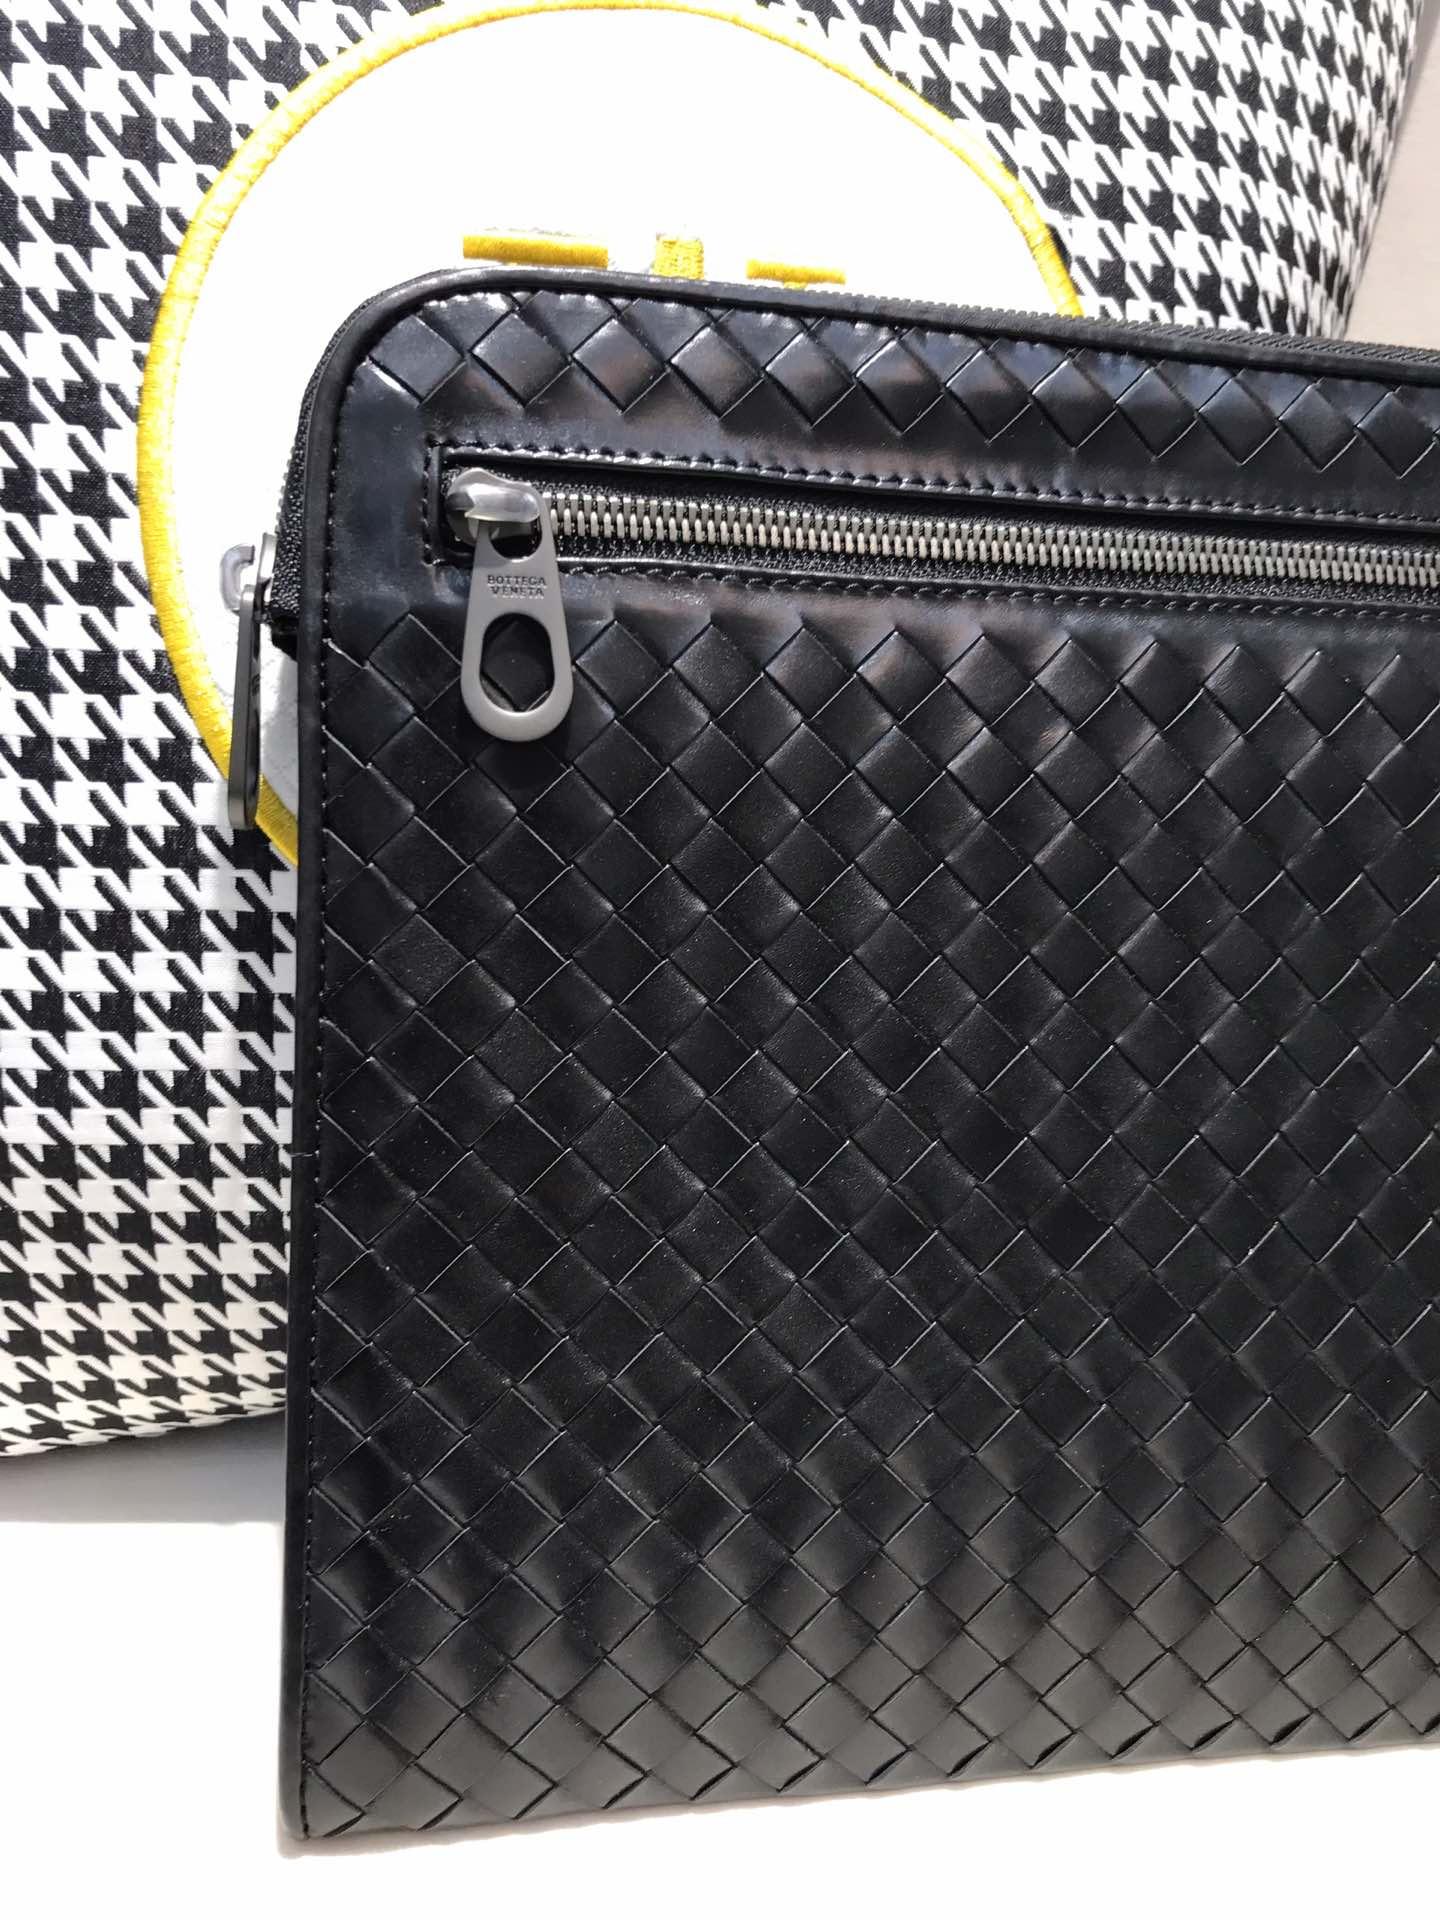 BV代购版7782 顶级原版胎牛皮内里进口布料 专柜经典款手包 35cm